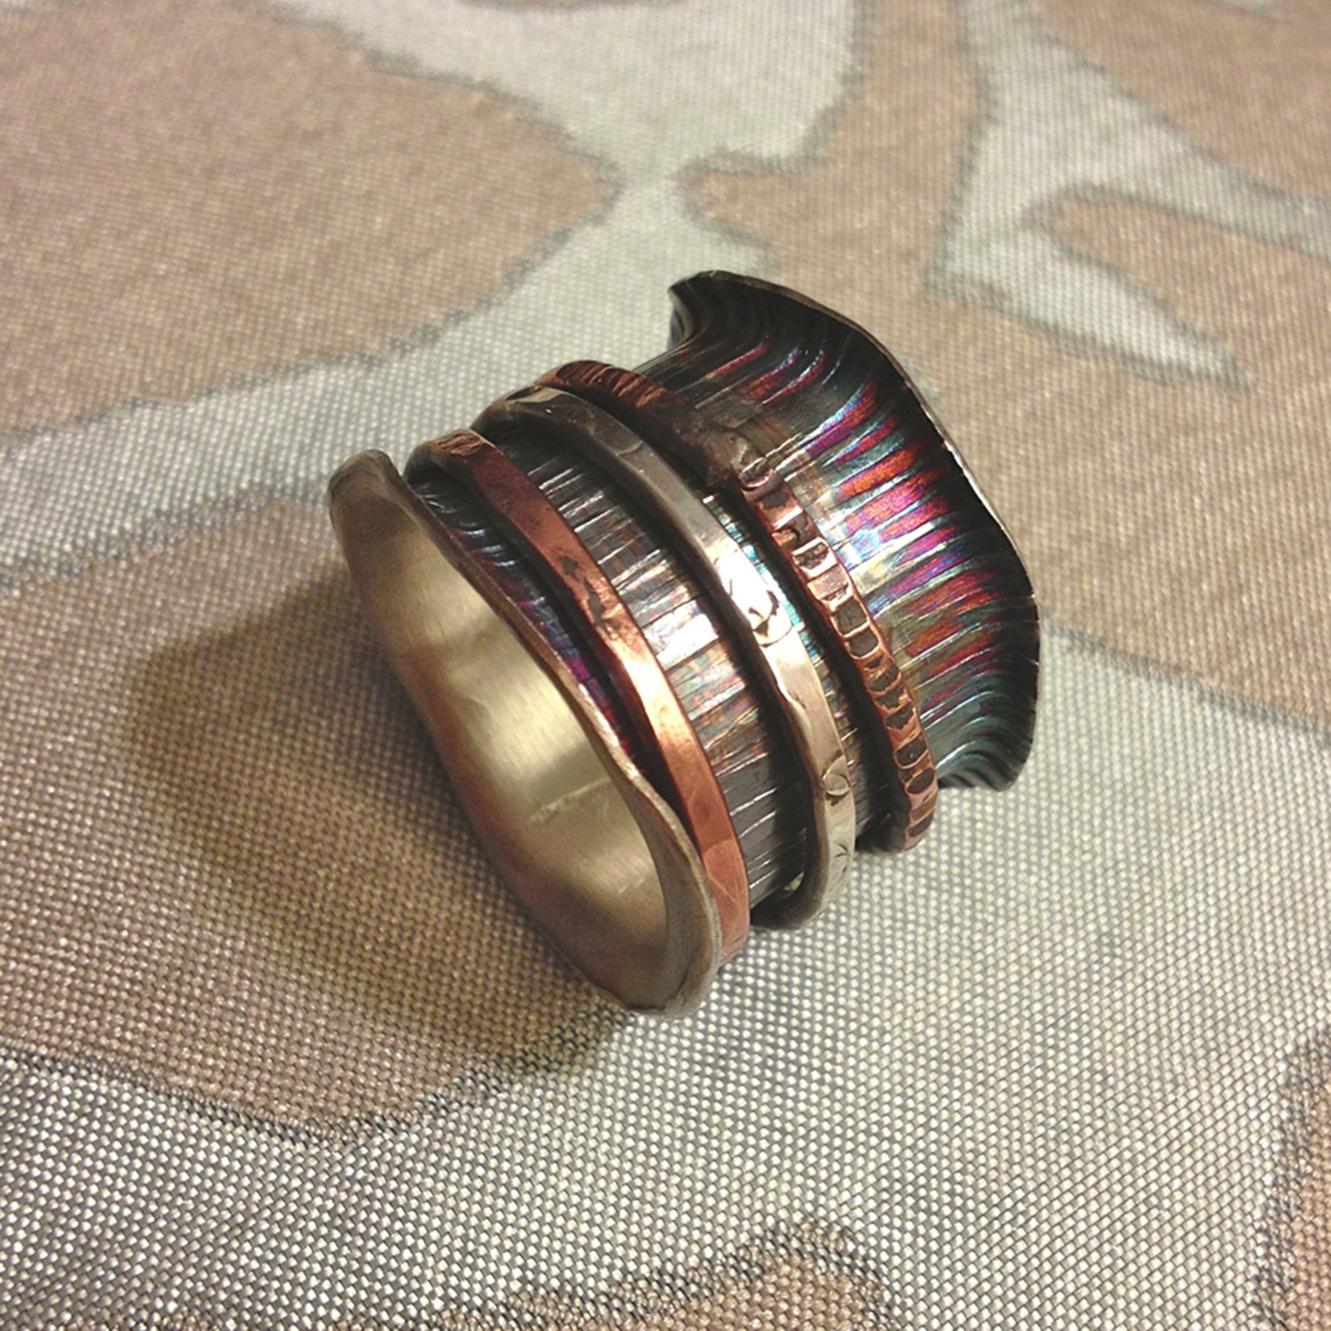 Spinner-Ring_5440.jpg